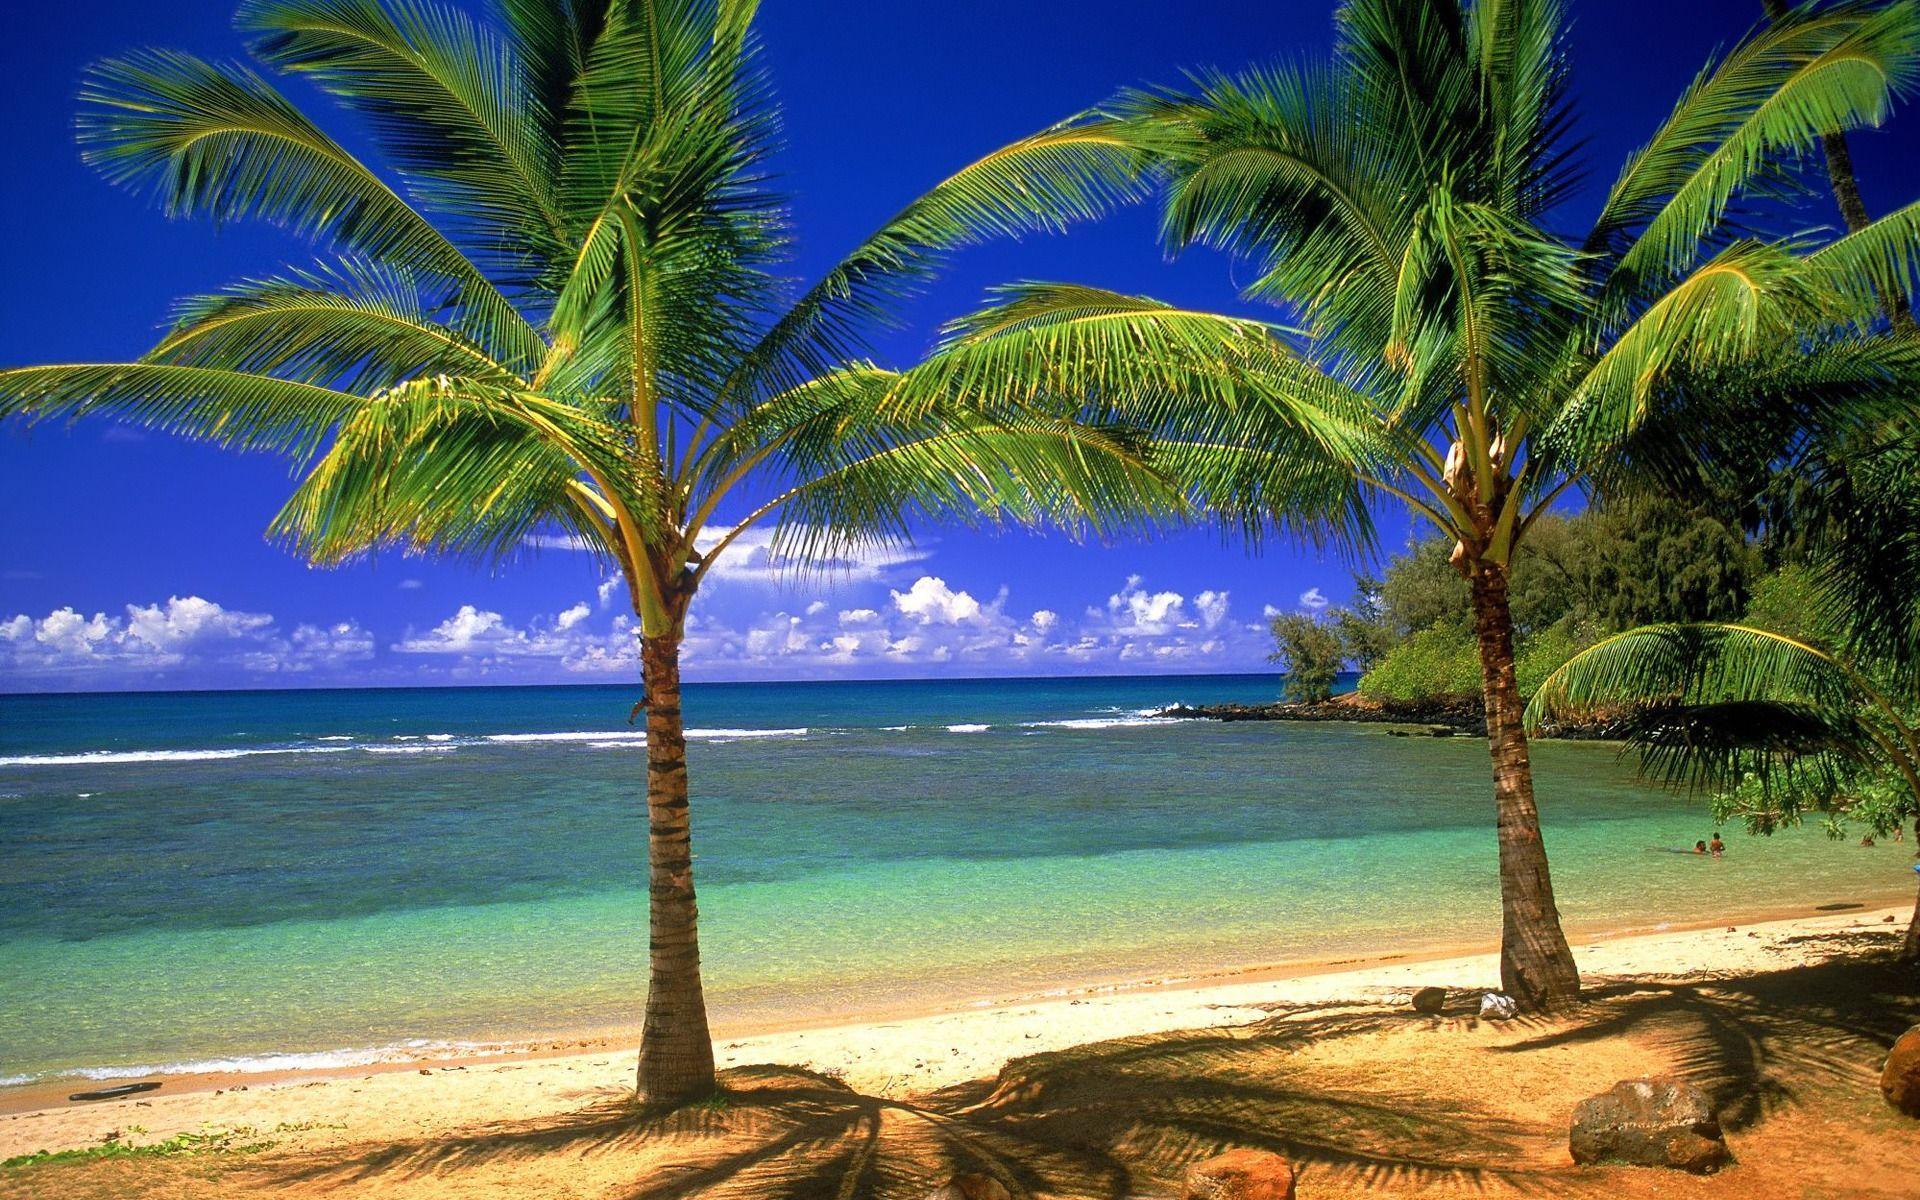 1920x1200 Đảo Palma, bãi biển Hình nền máy tính 1920x1200